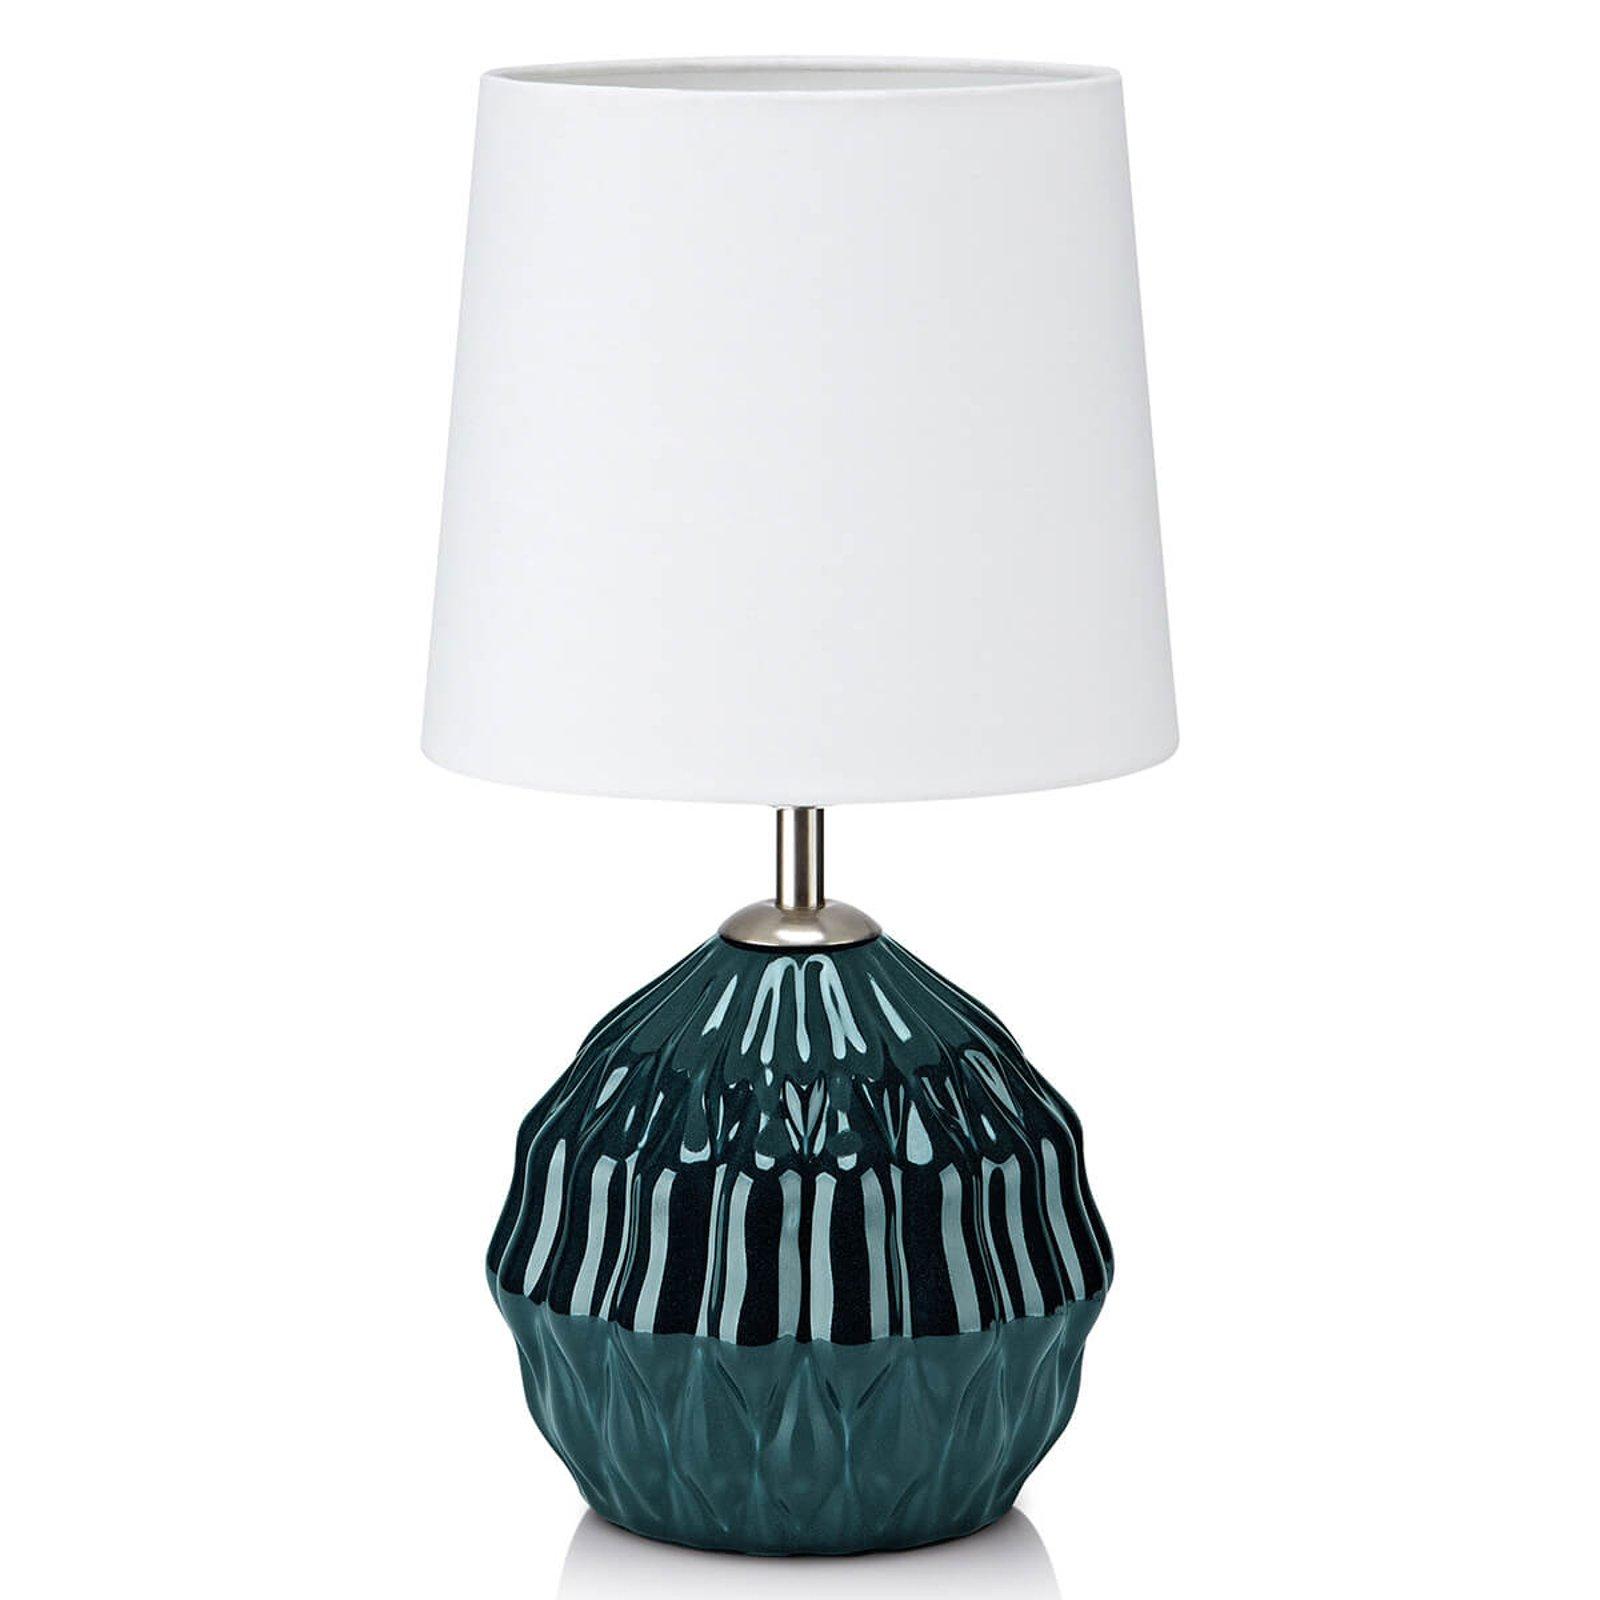 Med grønn keramikkfot - bordlampe Lora i tekstil